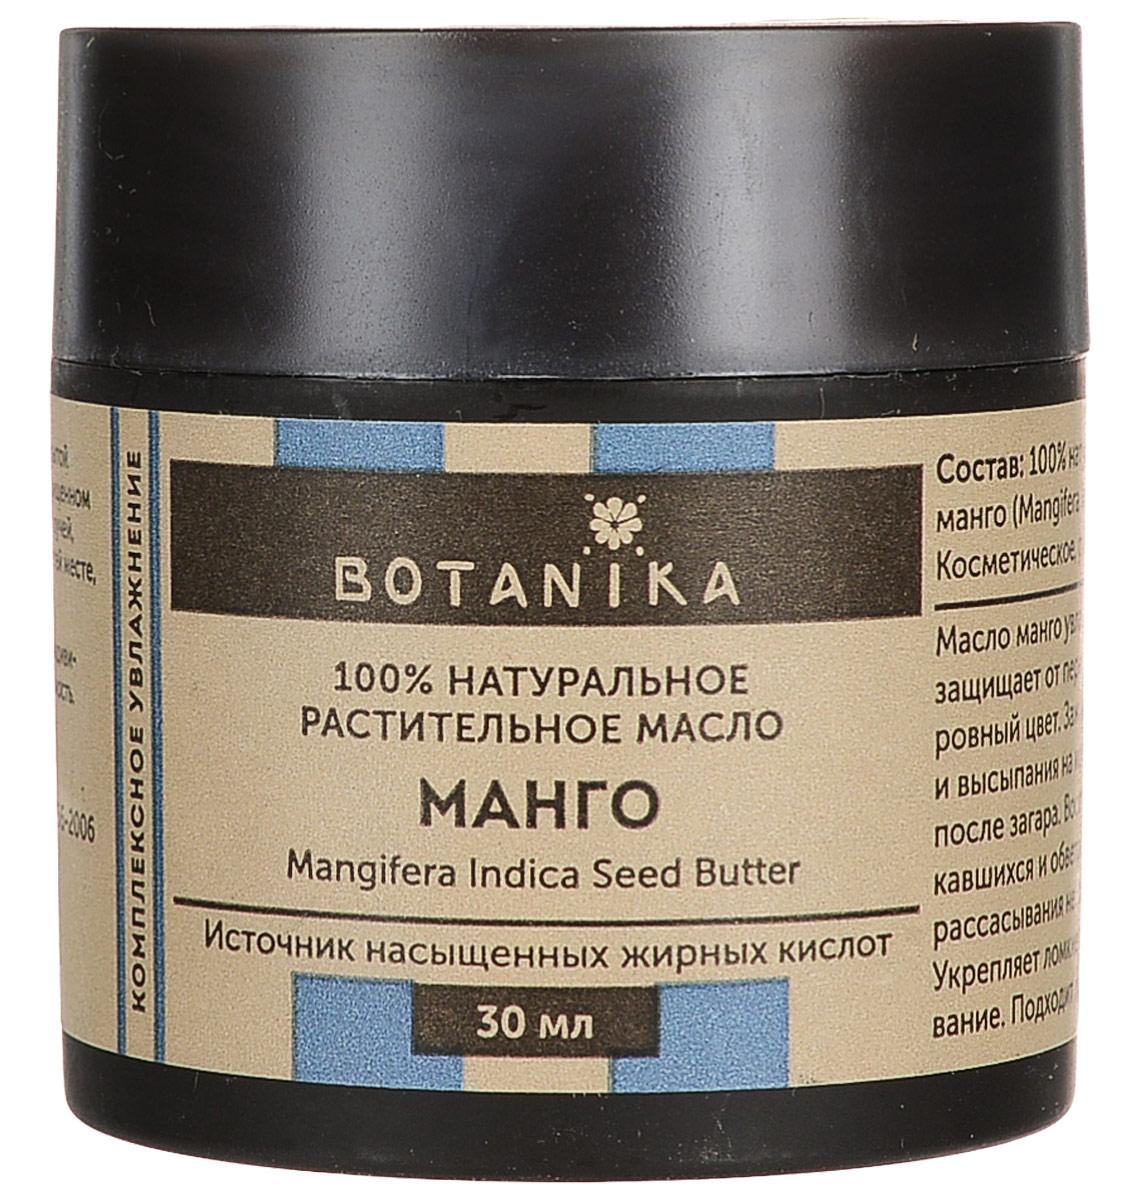 Жирное масло Botanika Манго, для всех типов кожи, 30 мл72523WDНатуральное растительное 100% жирное масло Botanika Манго удивительно по своим косметическим свойствам. Прекрасно подходит для любой кожи в качестве ее увлажнения, питания и защиты, а также восстановления. Активные вещества масла манго возвращают ей способность удерживать влагу, обеспечивают интенсивное увлажнение в течение дня. Кожа становится мягкой и бархатистой, ее эластичность повышается. Обладает хорошими регенерирующими и восстанавливающими свойствами. Прекрасно заживляет различные изъязвления кожи, трещинки на губах и в уголках рта, растрескавшуюся кожу рук и тела, устраняет шелушение. Способствует исчезновению небольших шрамов, пятен, оставшихся после различных кожных образований. Характеристики:Объем: 30 мл. Производитель: Россия. Товар сертифицирован.